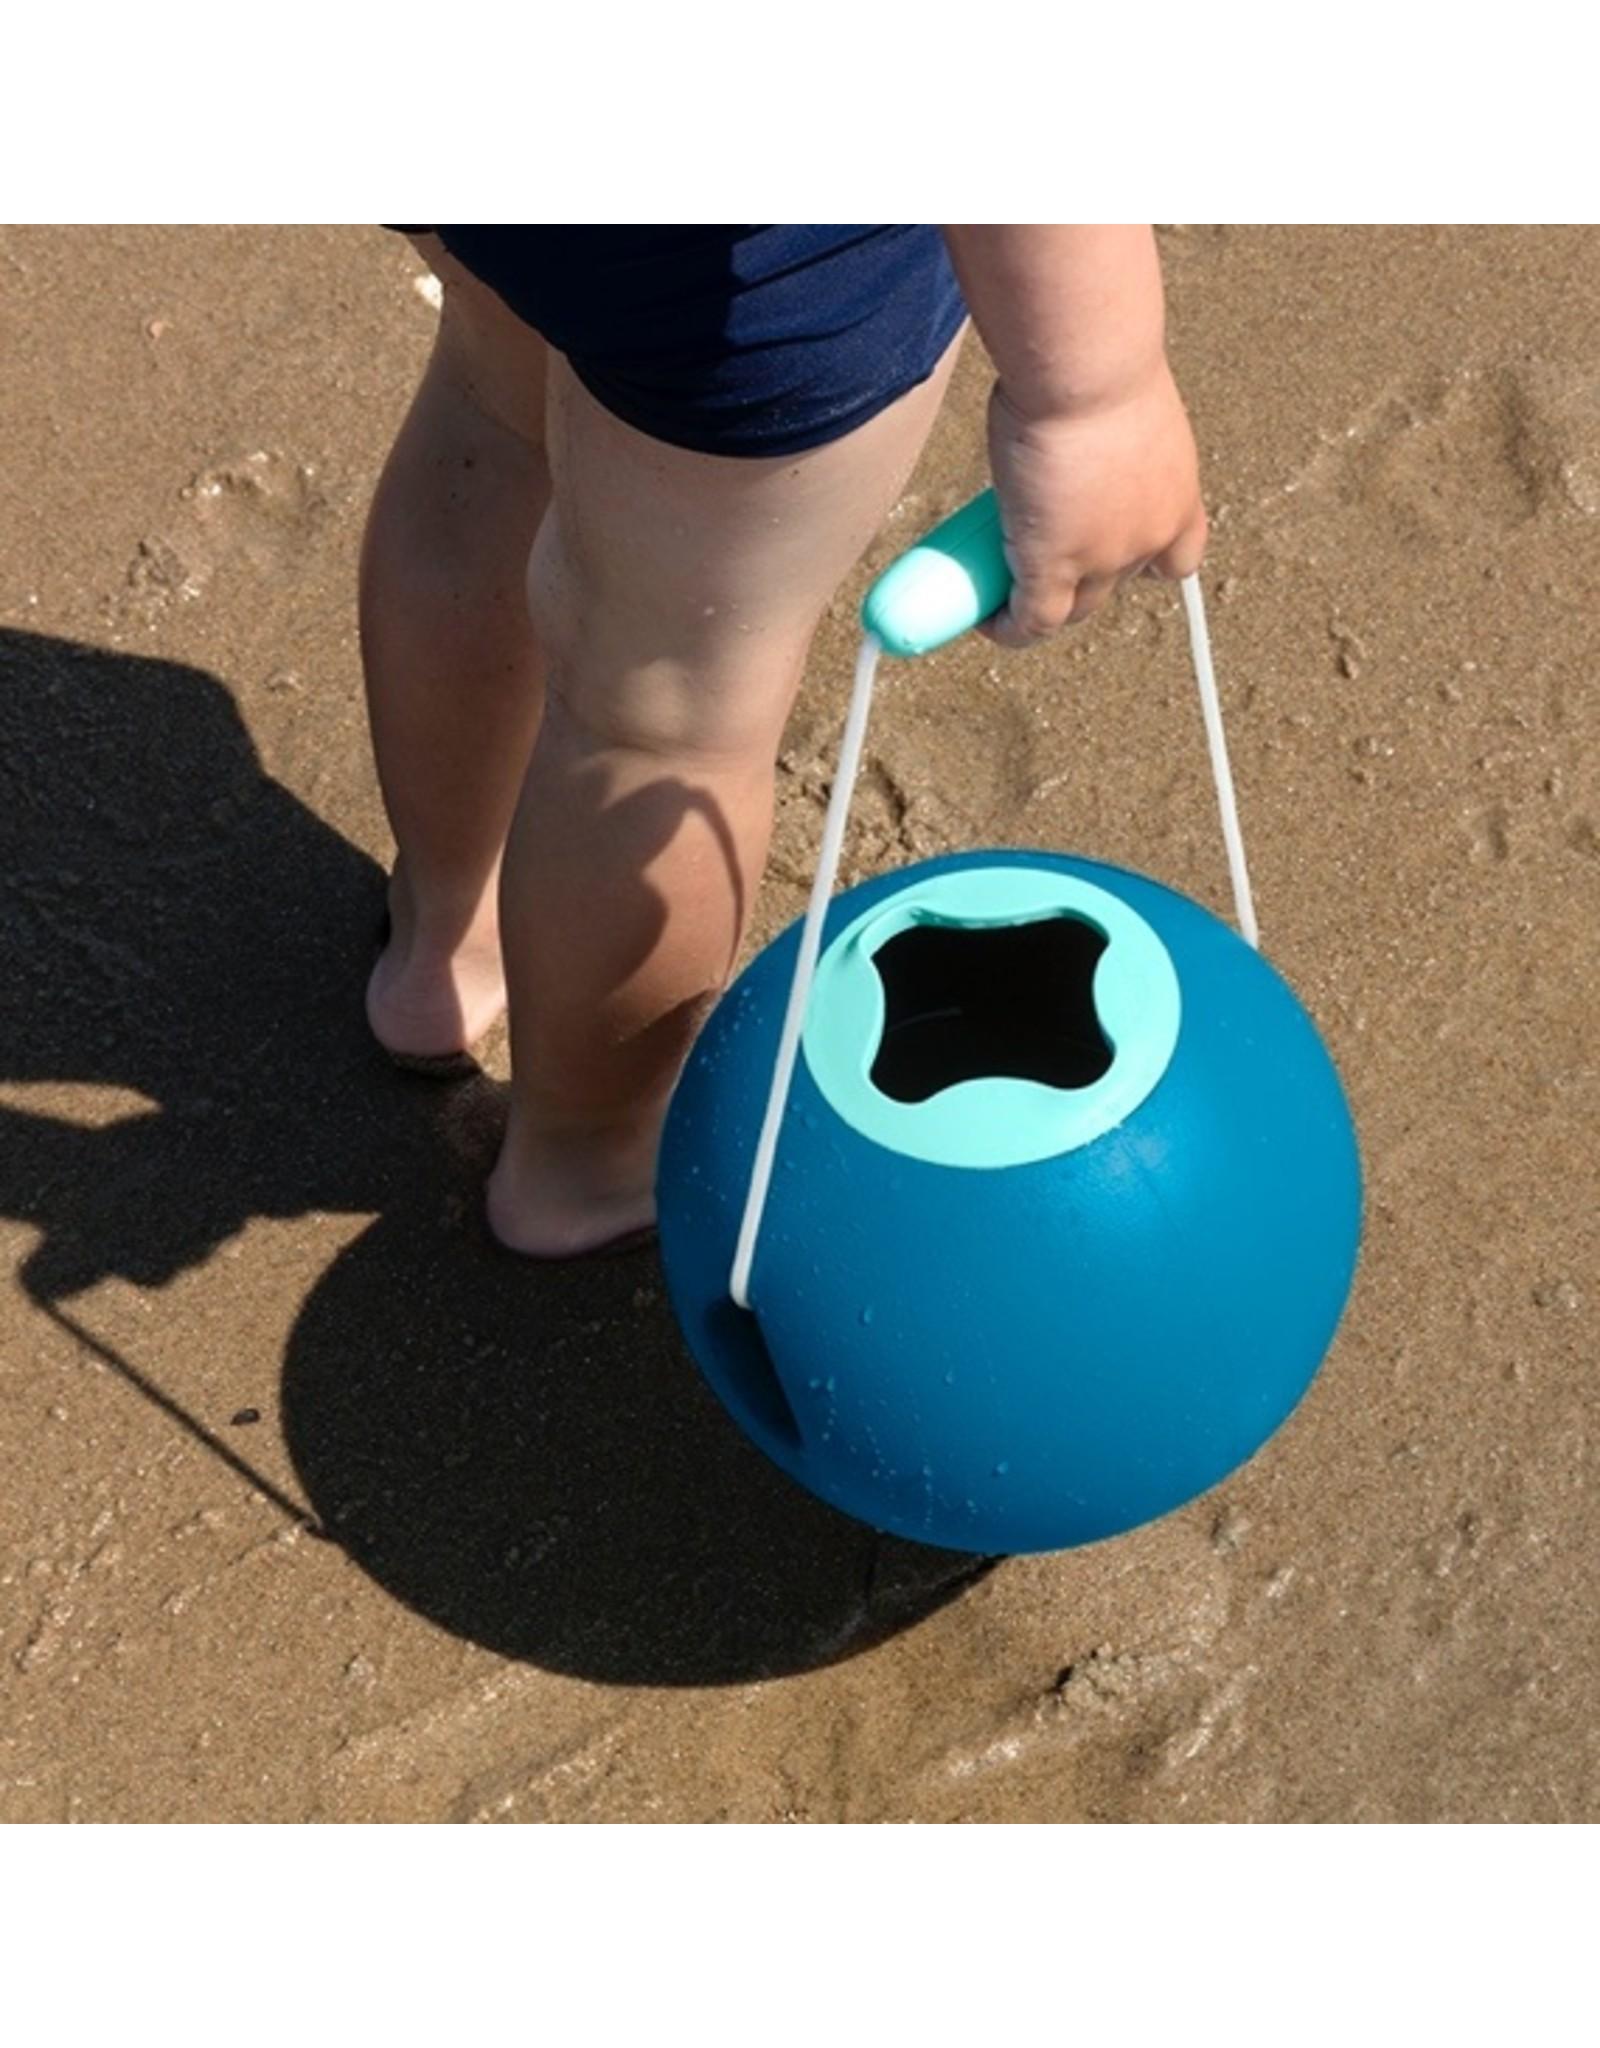 Quut Beach Set : 1 Ballo + 1 Cuppi + 1 Shaper + 1 mesh bag